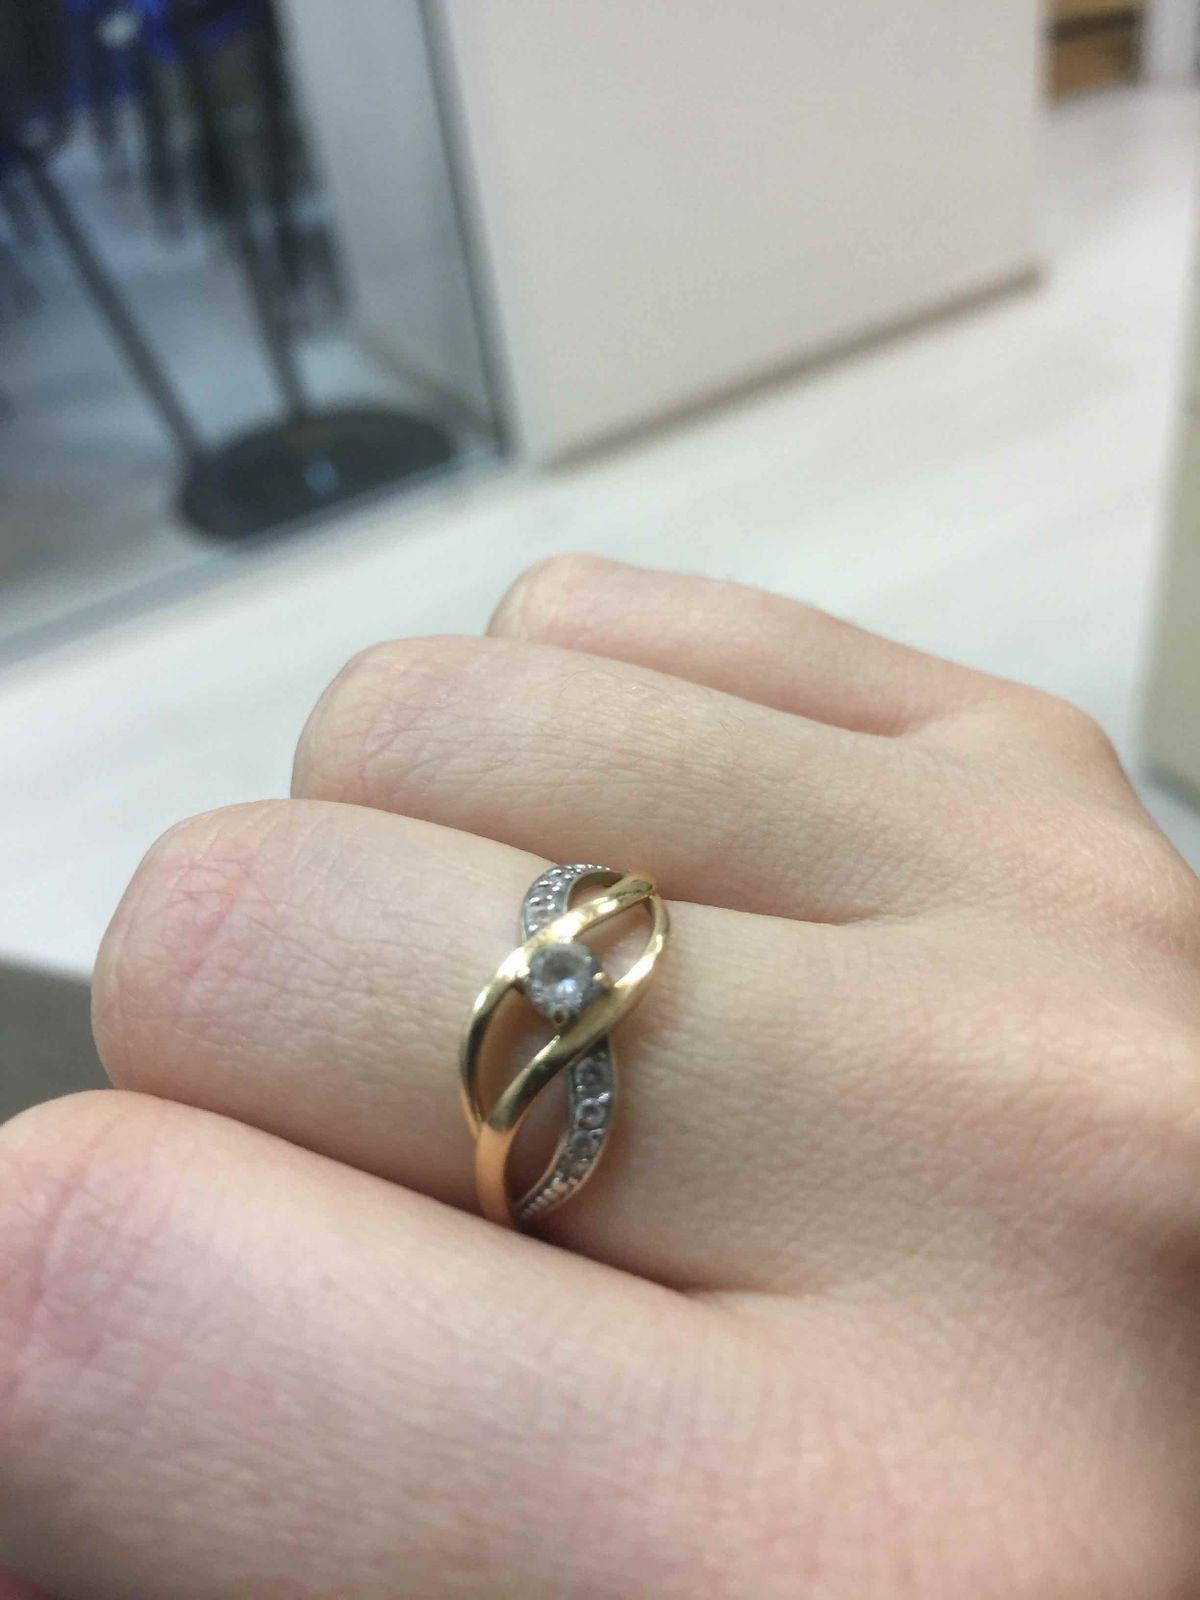 Золотое кольцо с фианитами аккуратное, женственное, на каждый день